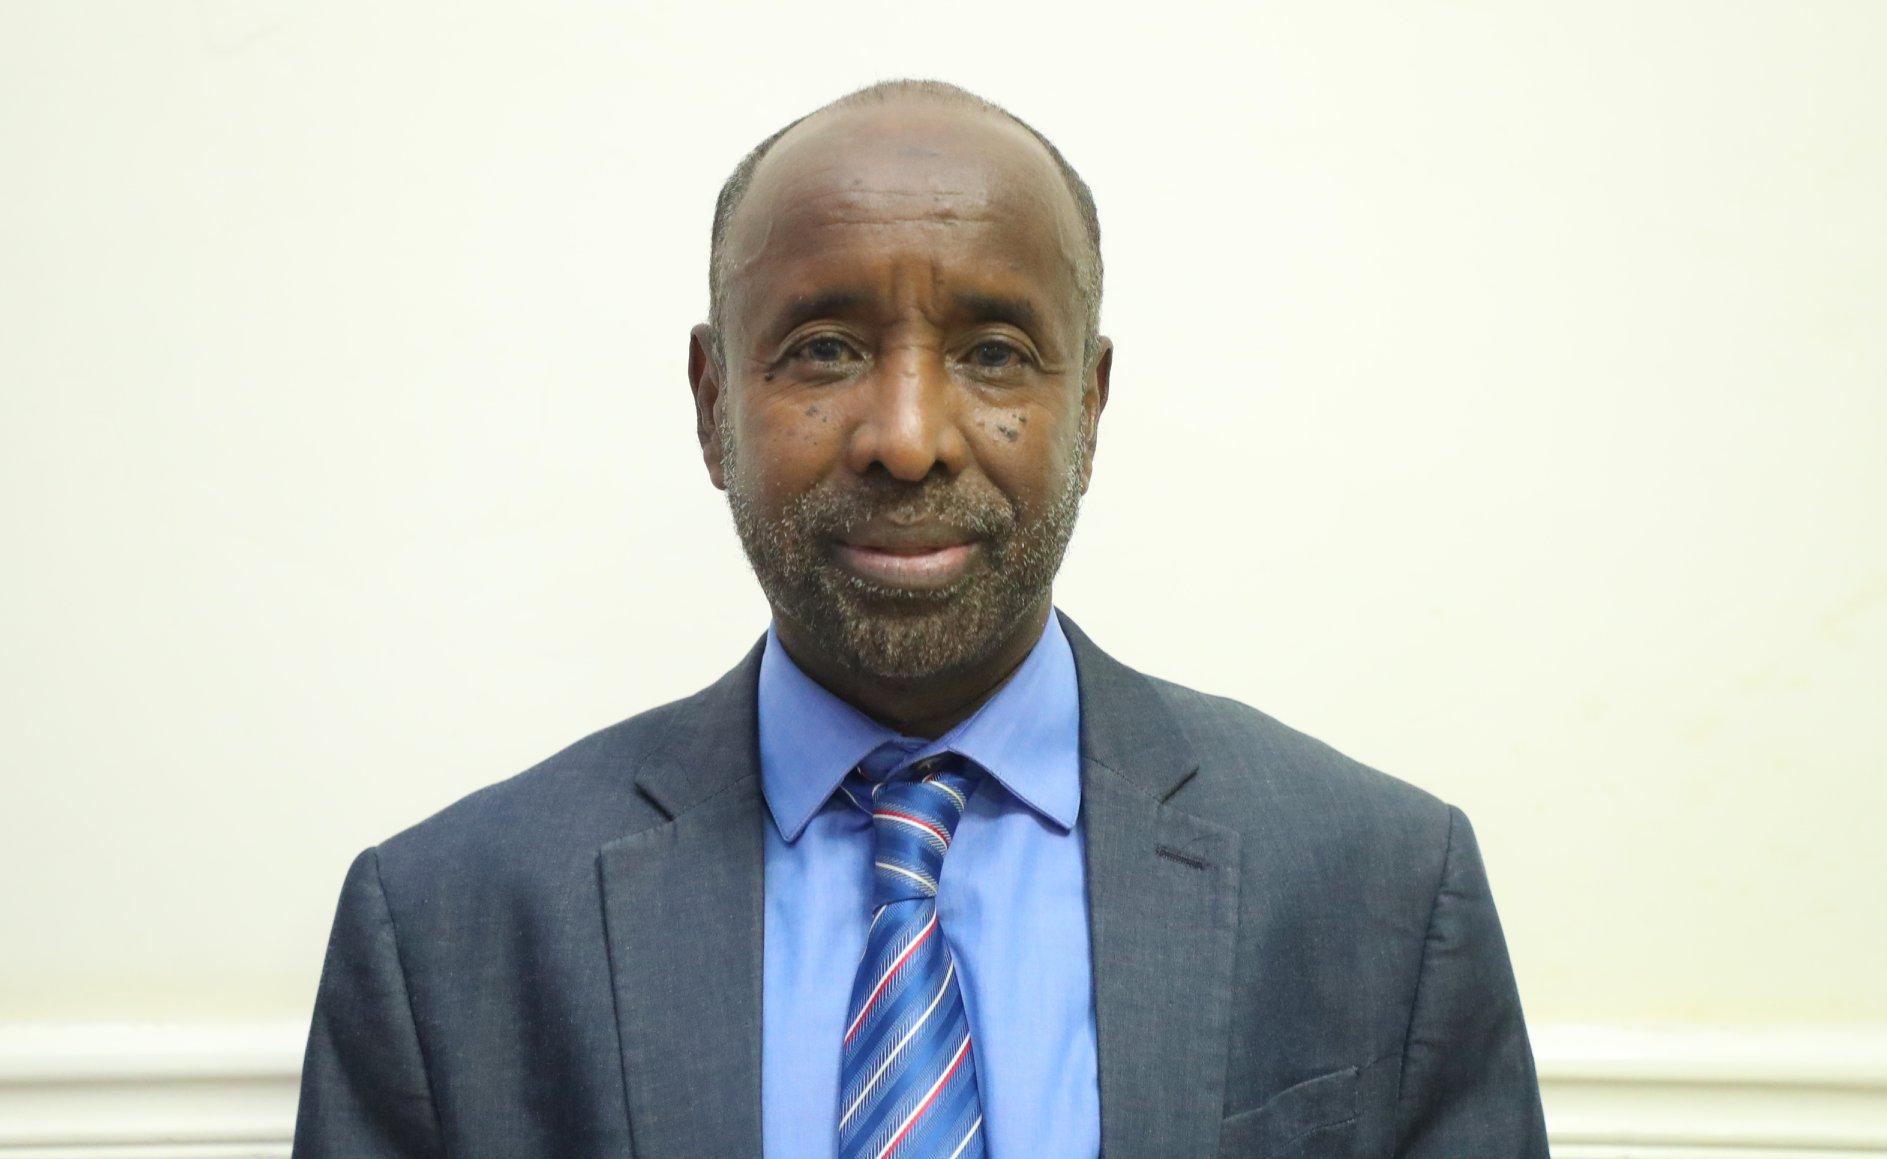 Madaxweyne Farmaajo oo Dr. Nuur Diiriye (Fuursade) u magacaabay Agaasimaha Guud ee Madaxtooyada JFS